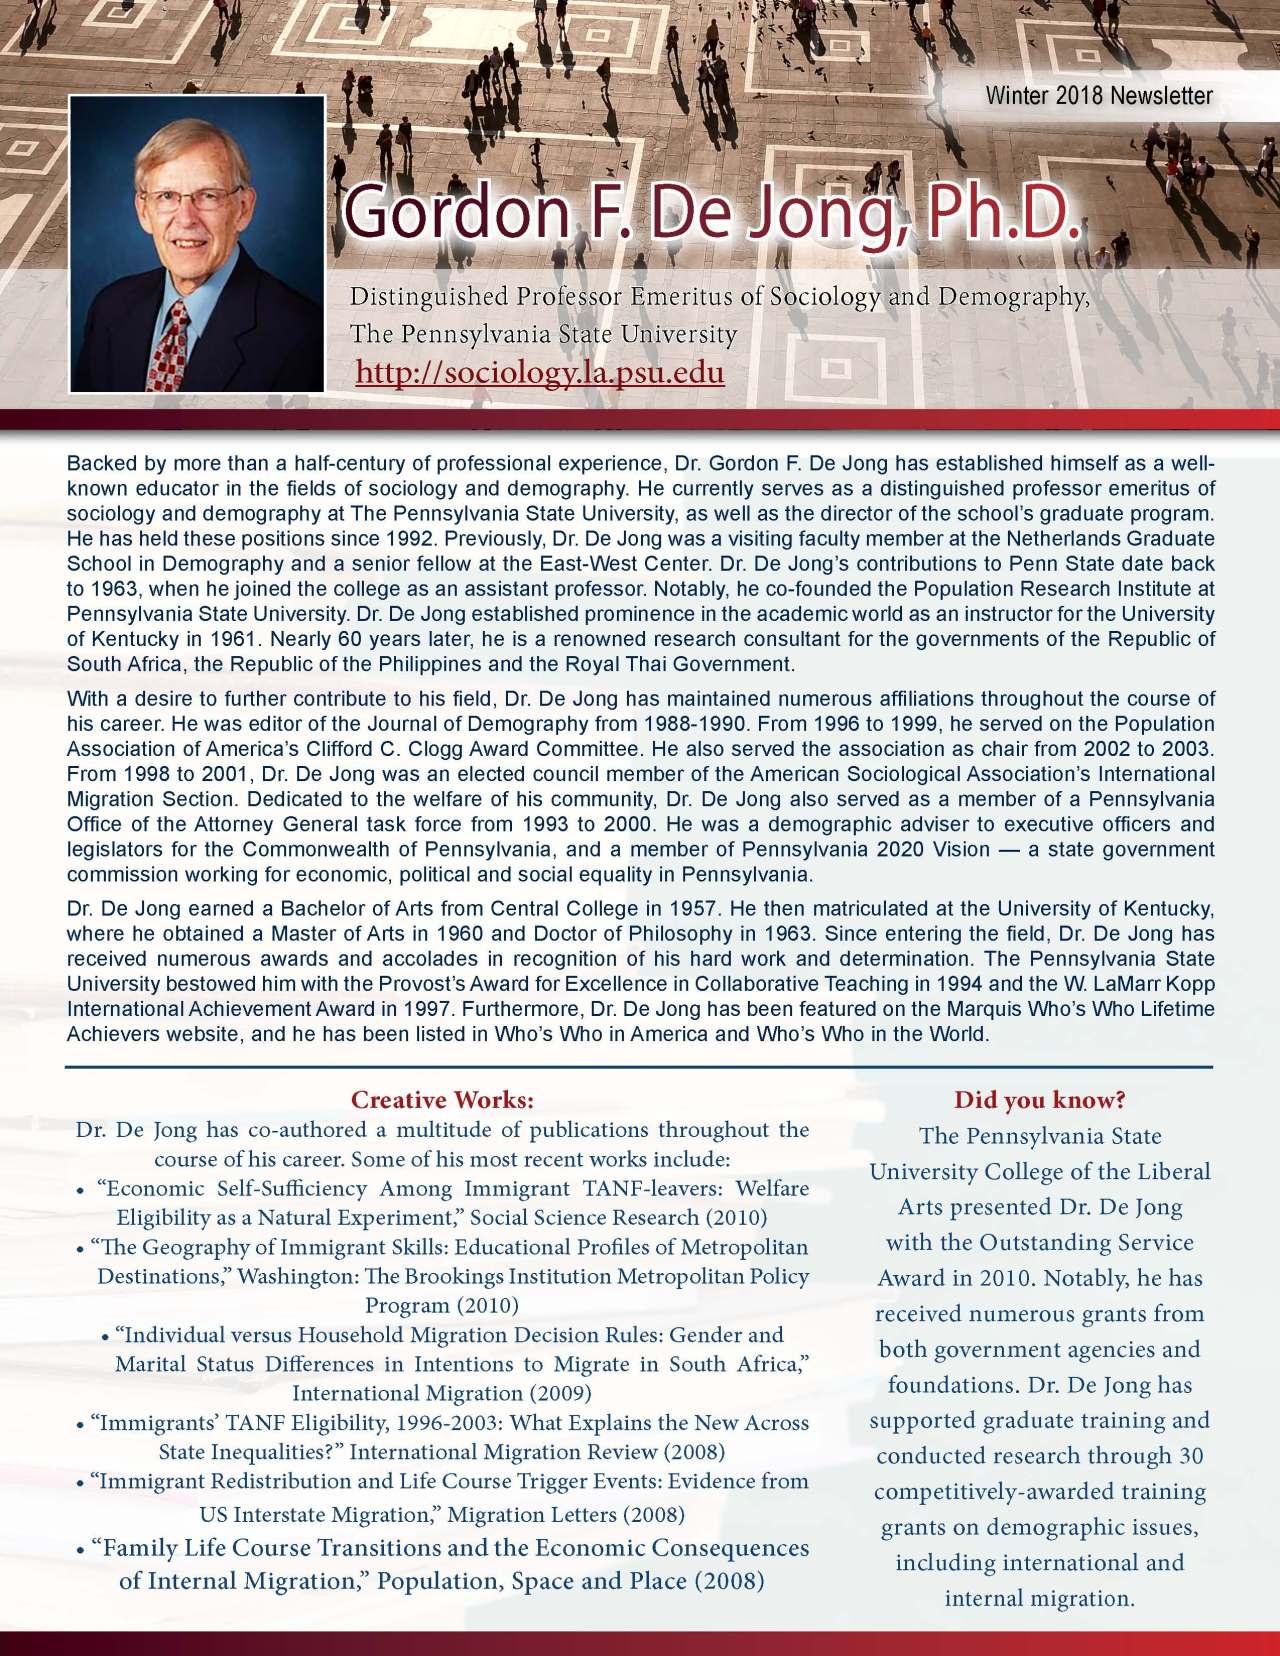 De Jong, Gordon 2193277_30462159 Newsletter REVISED.jpg